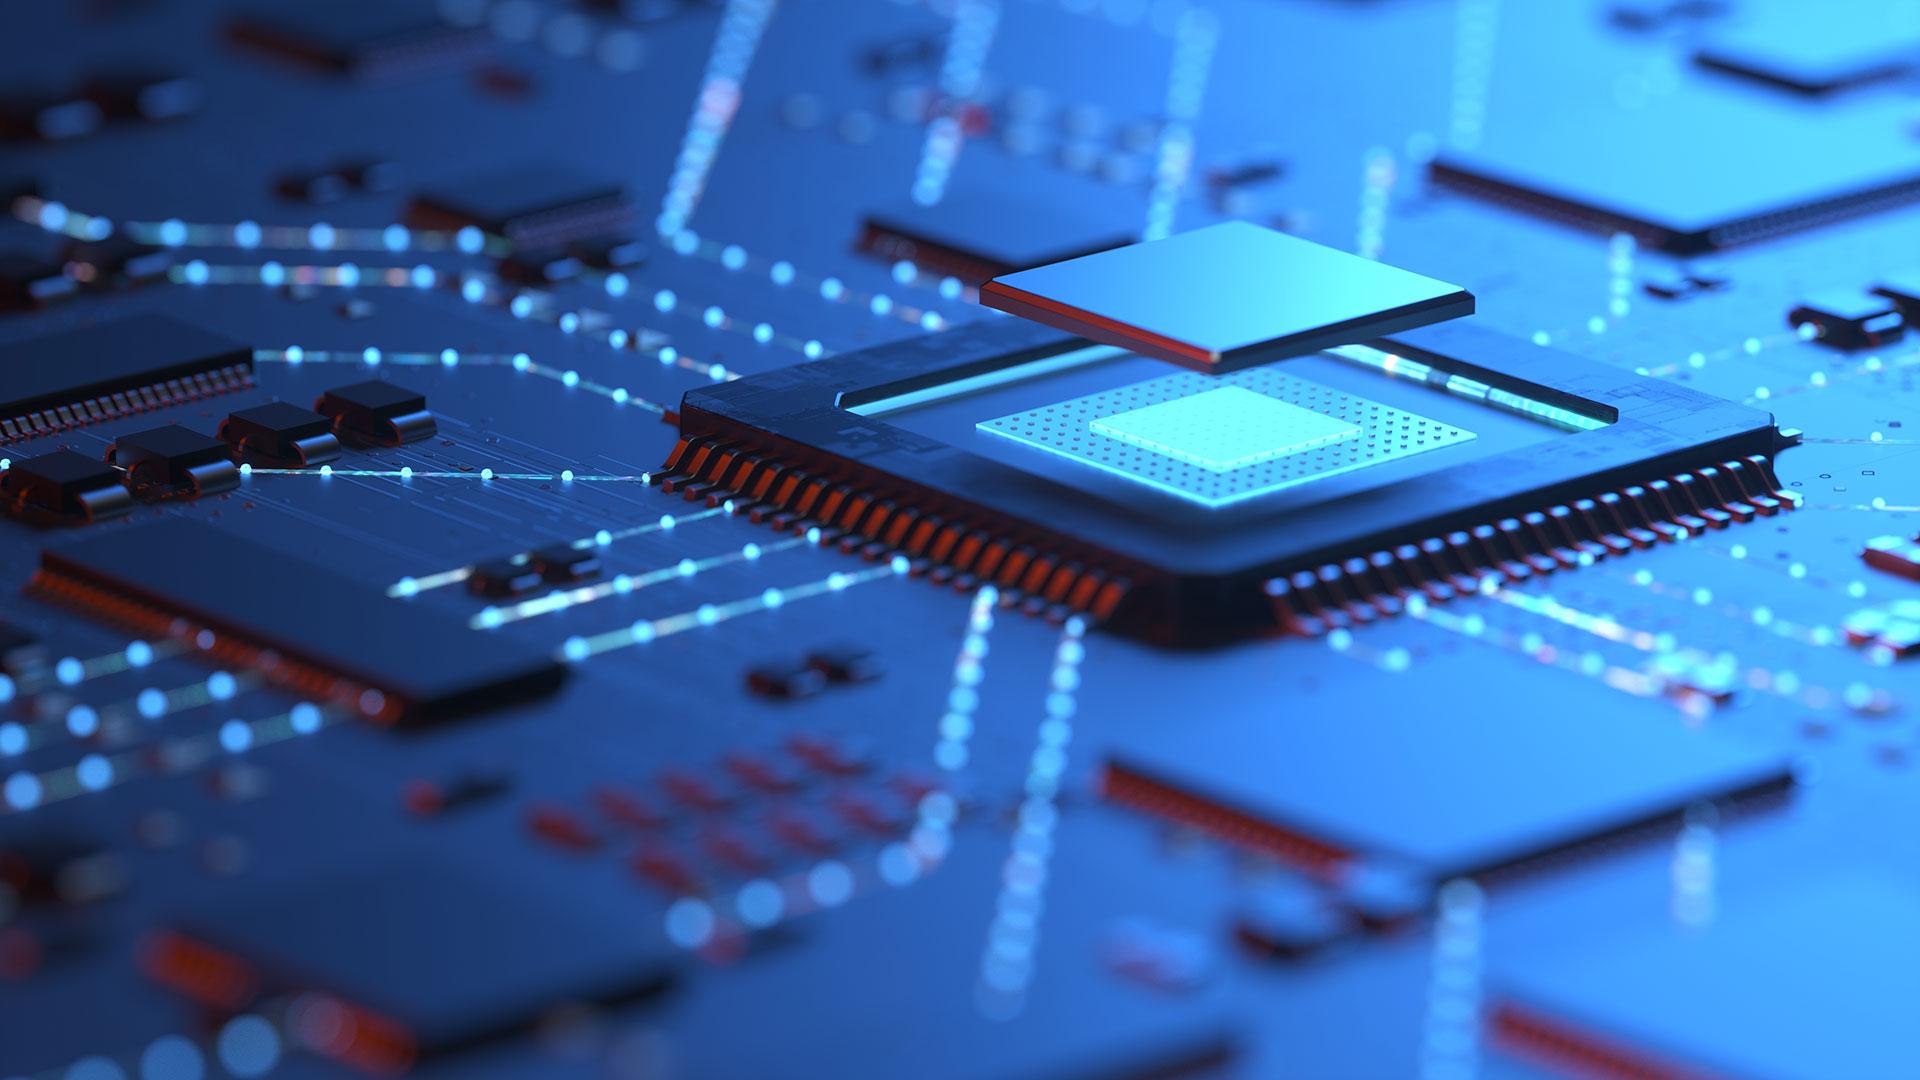 83 millones de dispositivos IoT en riesgo de ser pirateados